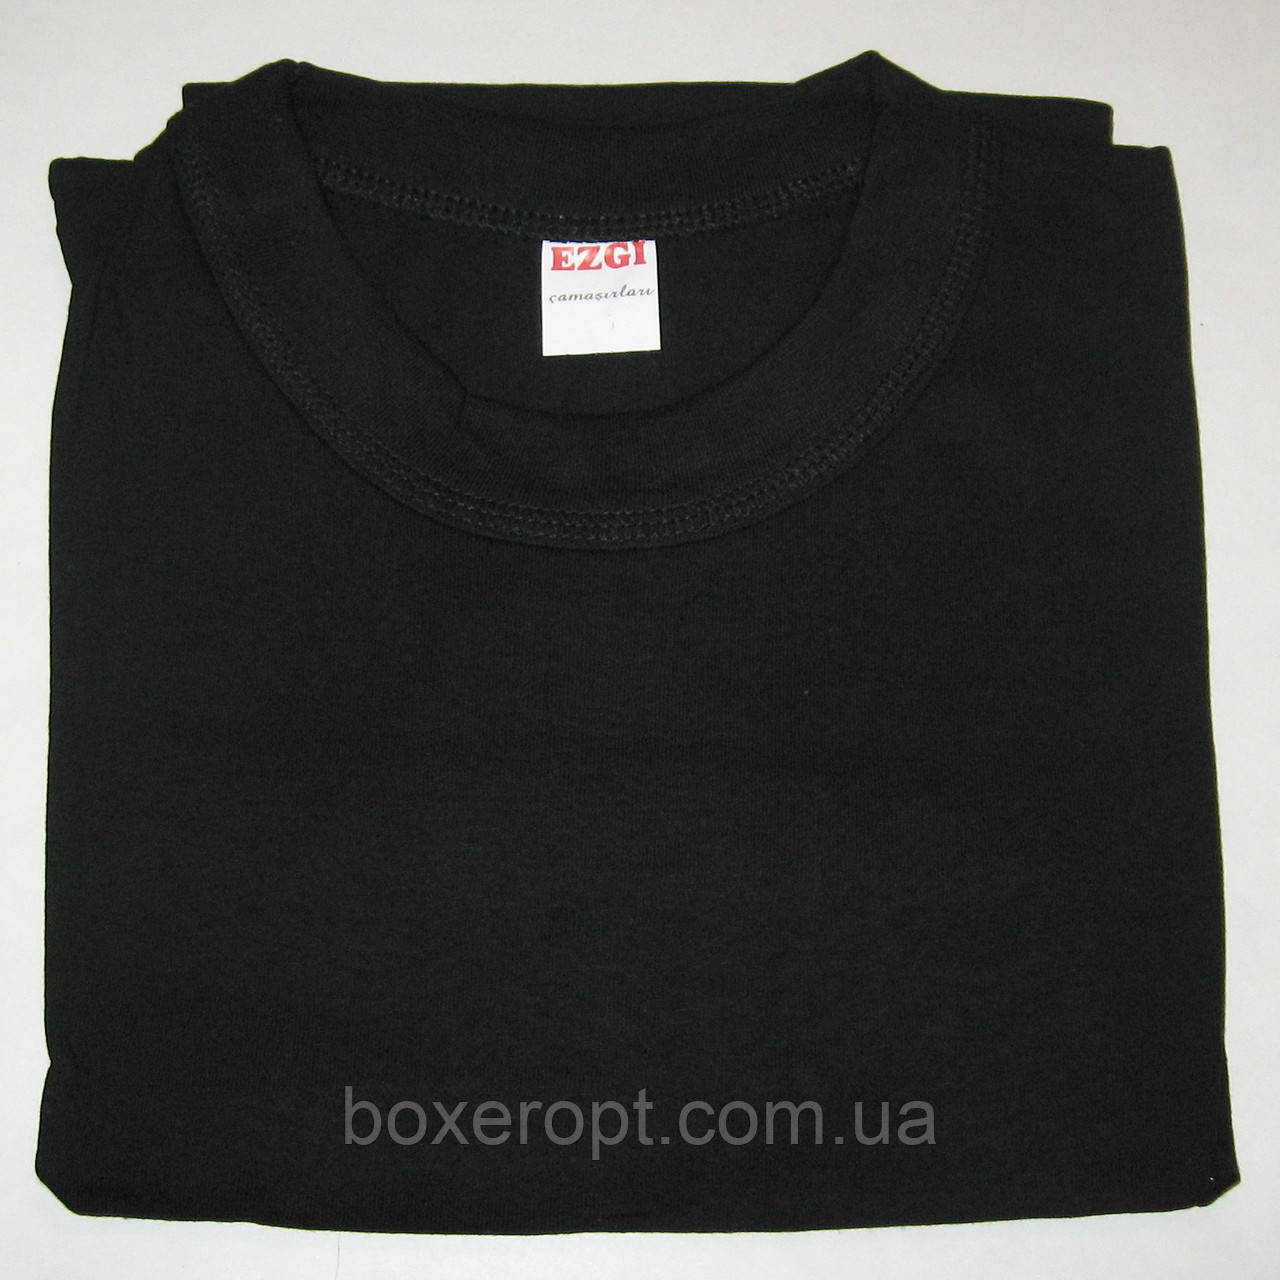 Мужские футболки Ezgi - 50.00 грн./шт. (60-й размер, черные)